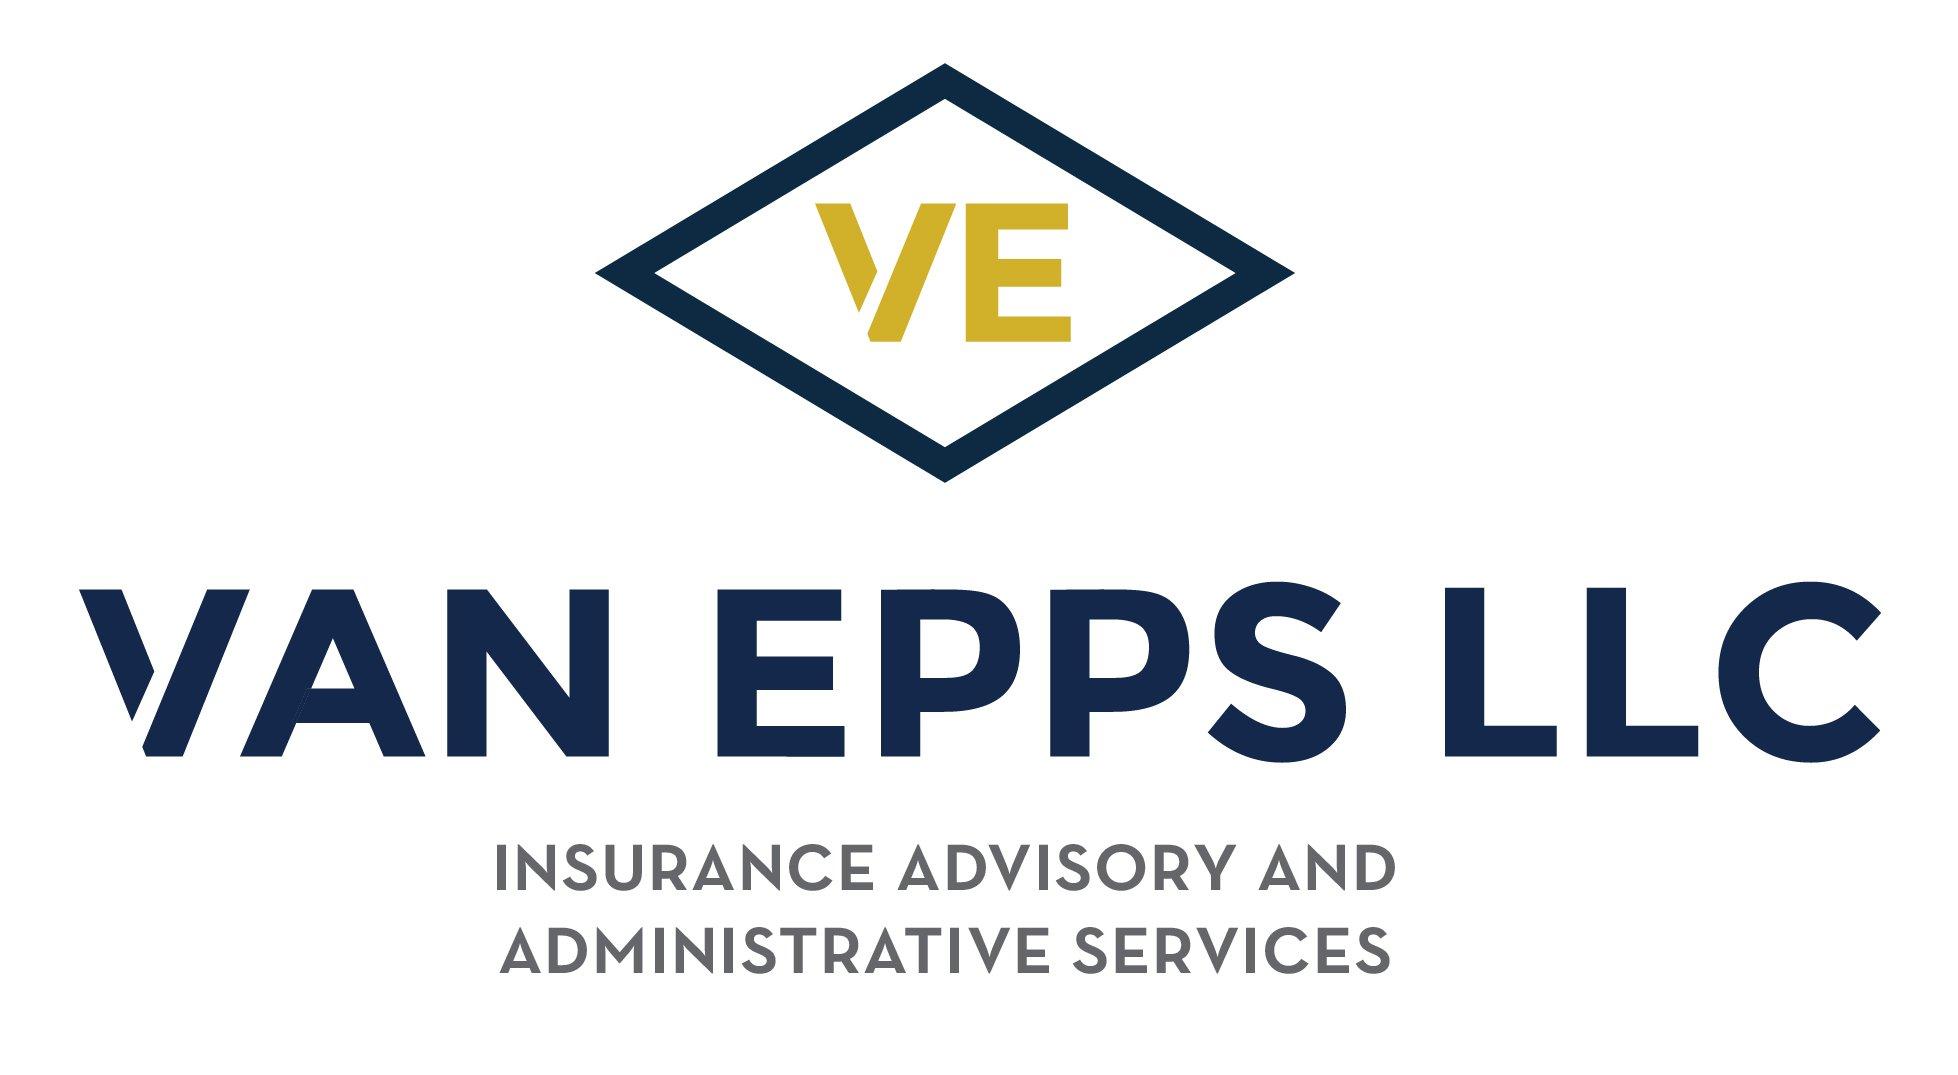 Van Epps LLC logo